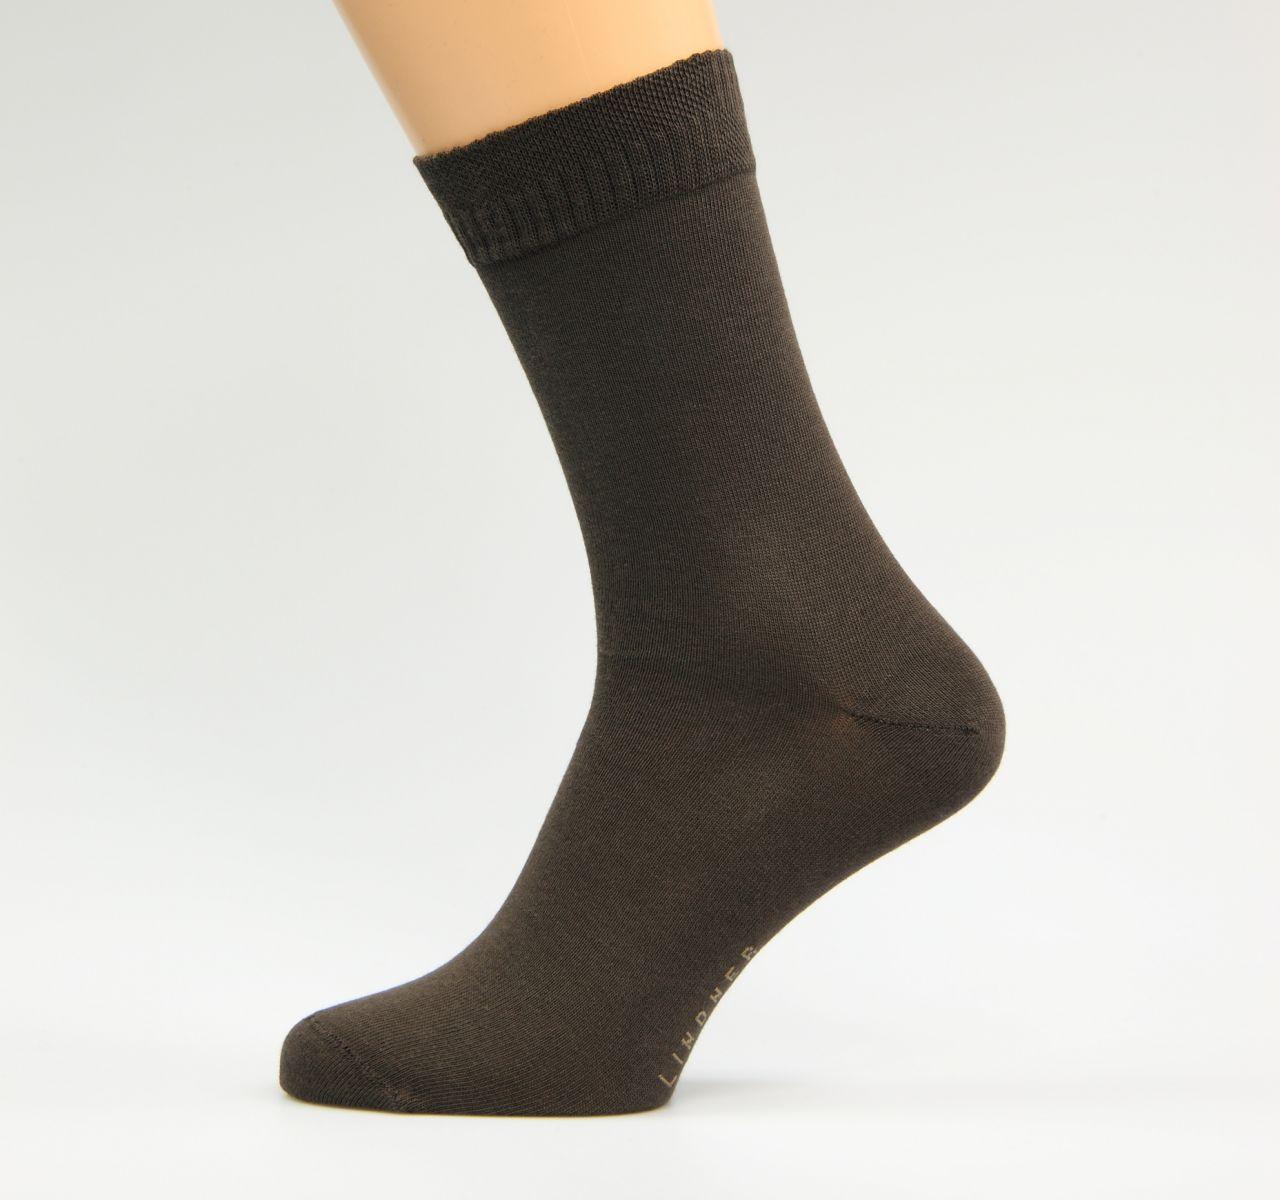 begrenzter Stil Kauf authentisch geschickte Herstellung Socken ohne Gummi | Socken vom Hersteller Onlineshop